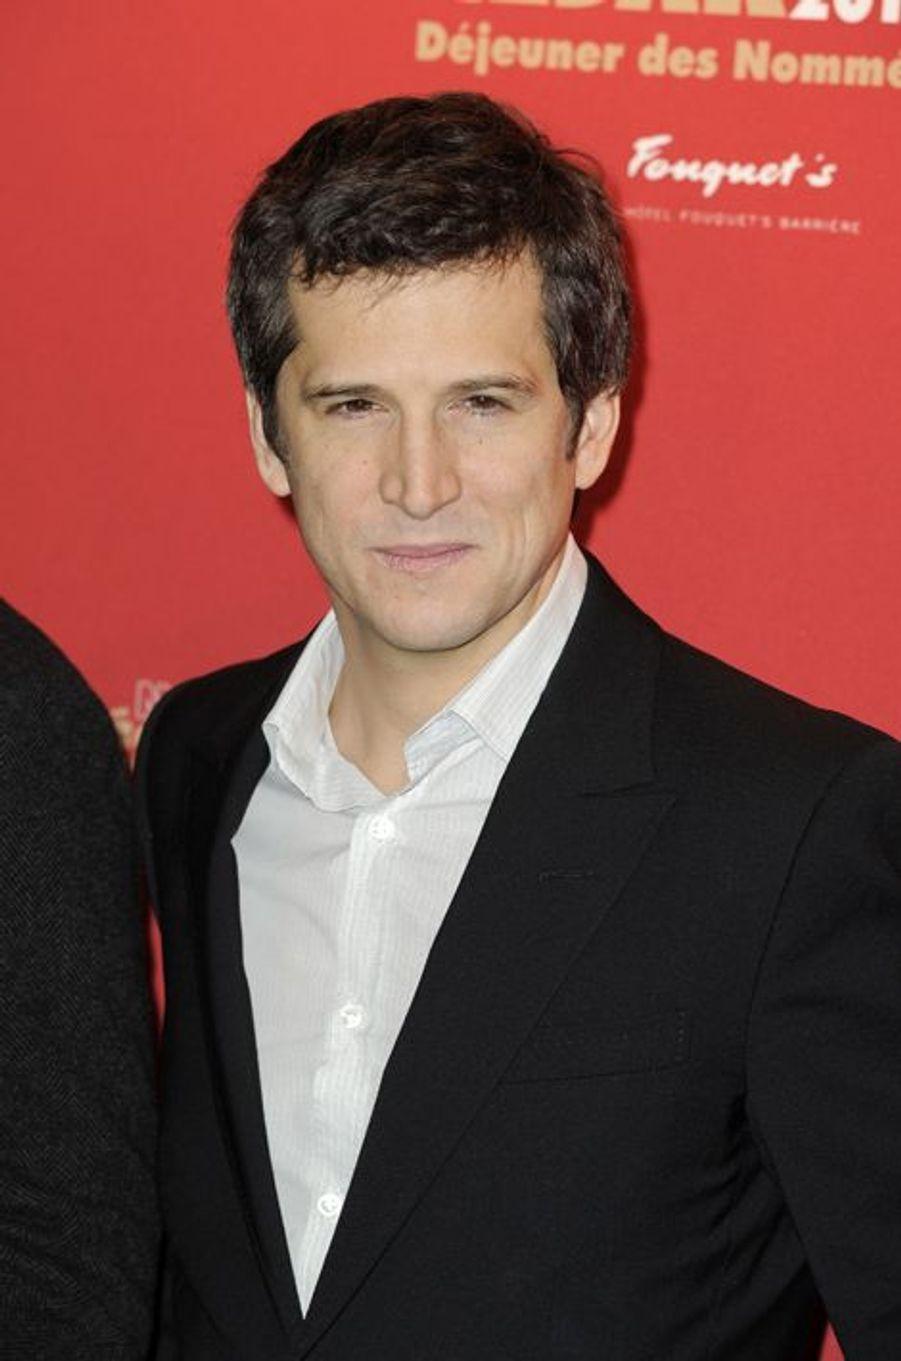 Le compagnon de Marion Cotillard est également un metteur en scène et cinéaste affirmé. Son premier long métrage, «Mon Idole», est sorti en 2002, suivi de «Ne le dis à personne» en 2006, qui lui a valu de décrocher le César du meilleur réalisateur. Après «Les petits mouchoirs» (2010), Guillaume Canet avait dévoilé «Blood Ties» au Festival de Cannes 2013.